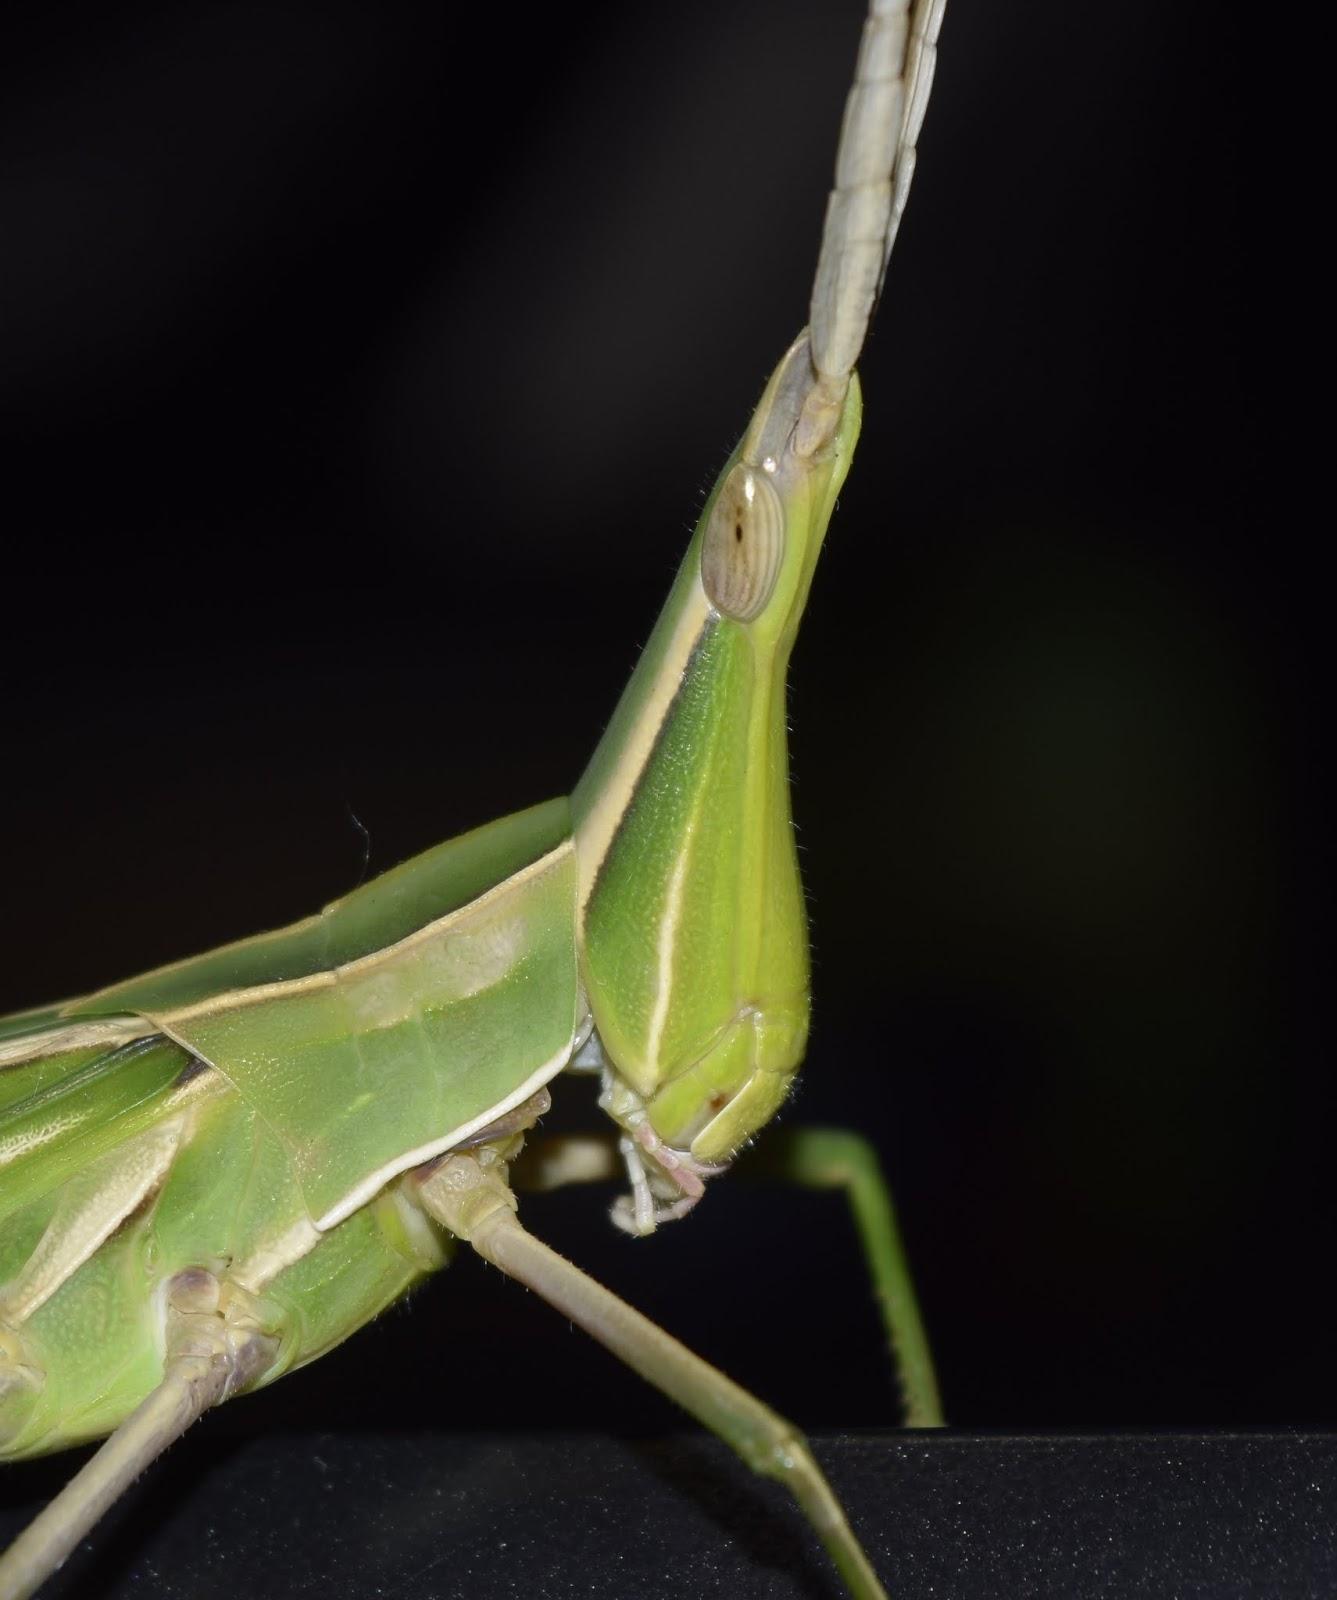 磐城蘭土紀行: 虫の顔